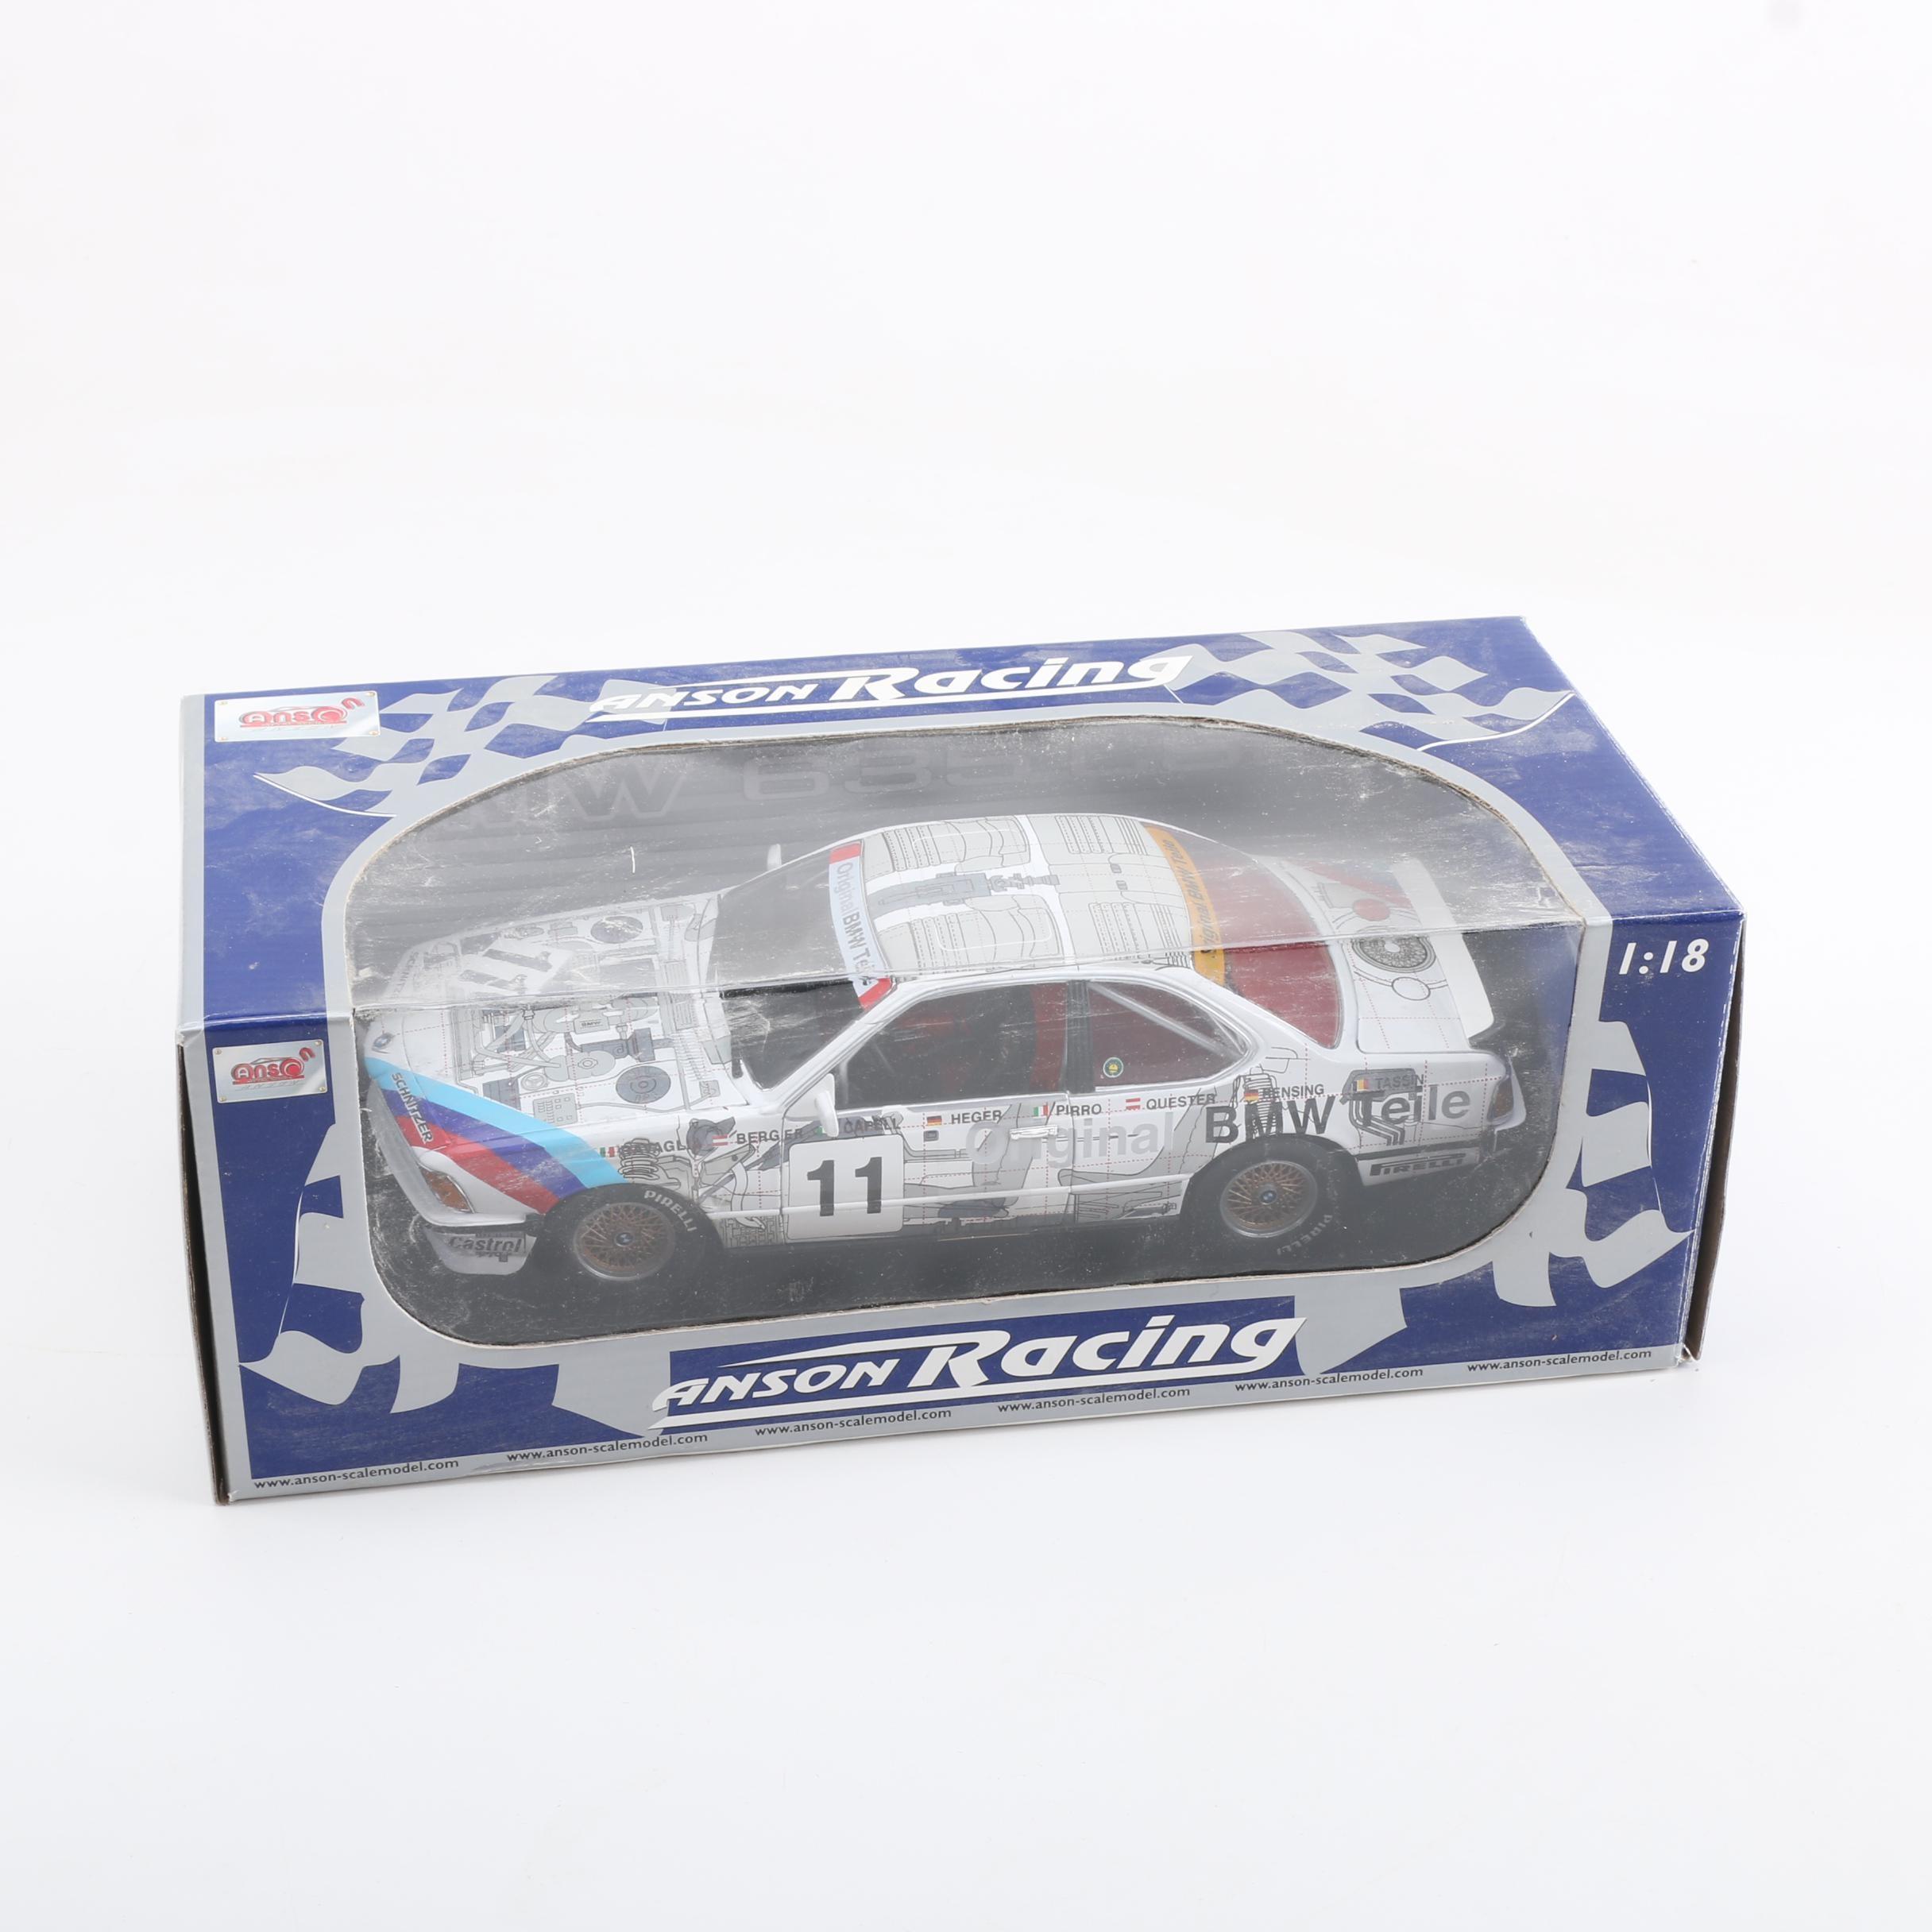 Anson Racing Bmw Die Cast Car Ebth